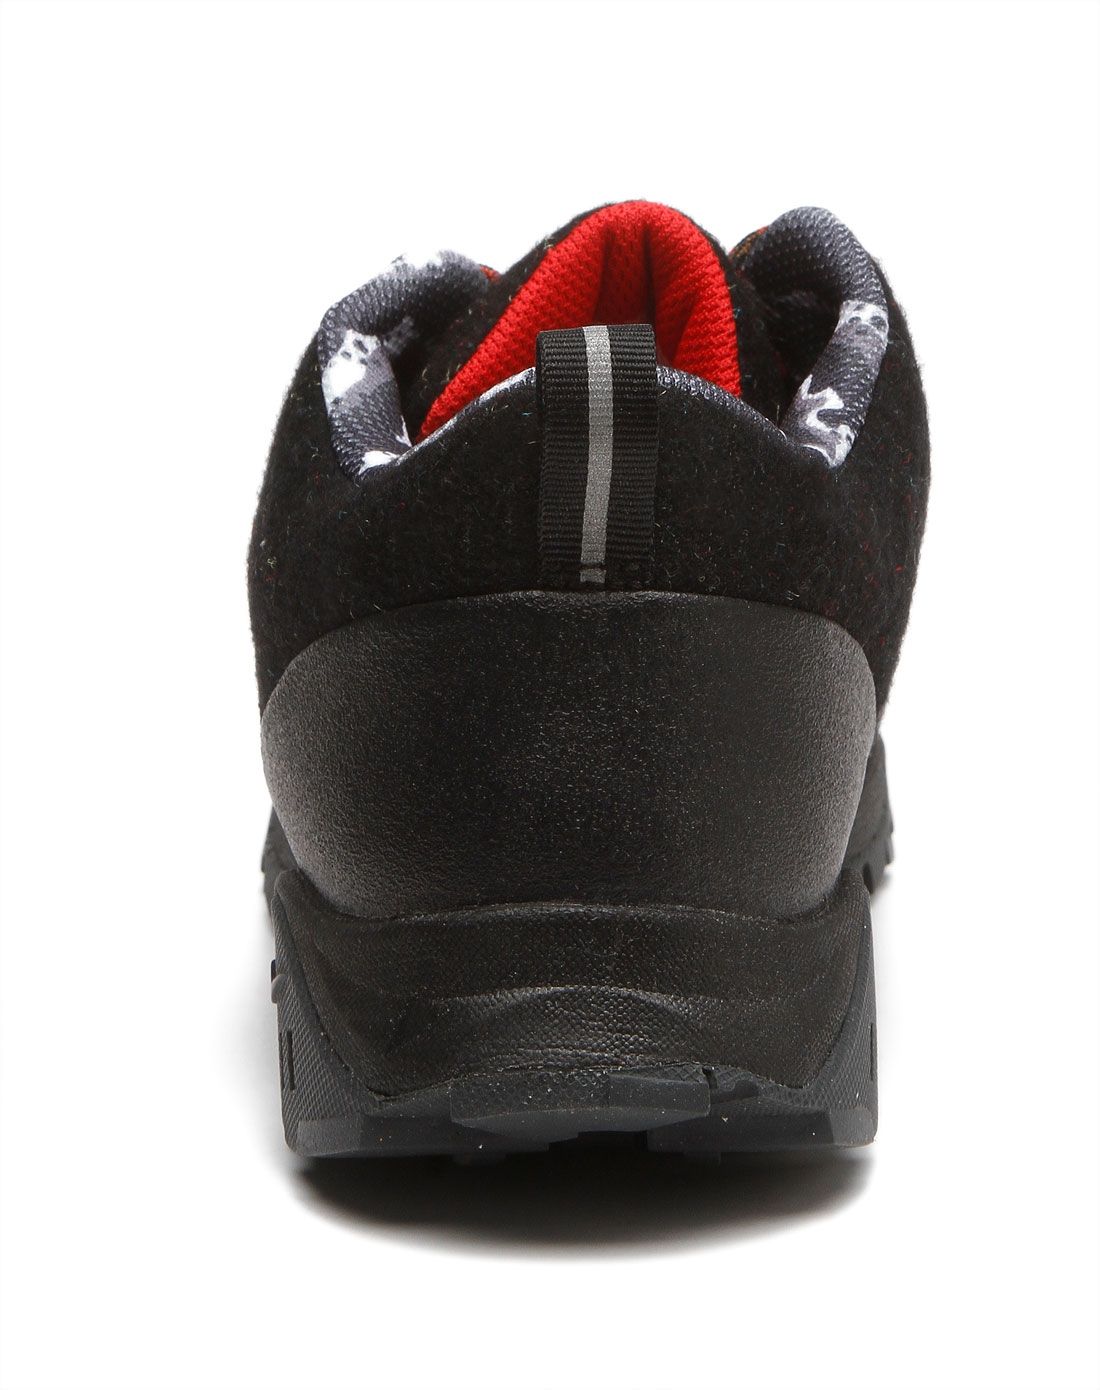 黑色运动鞋搭配图片_黑色运动鞋衣服搭配图_黑色运动鞋搭配男图片